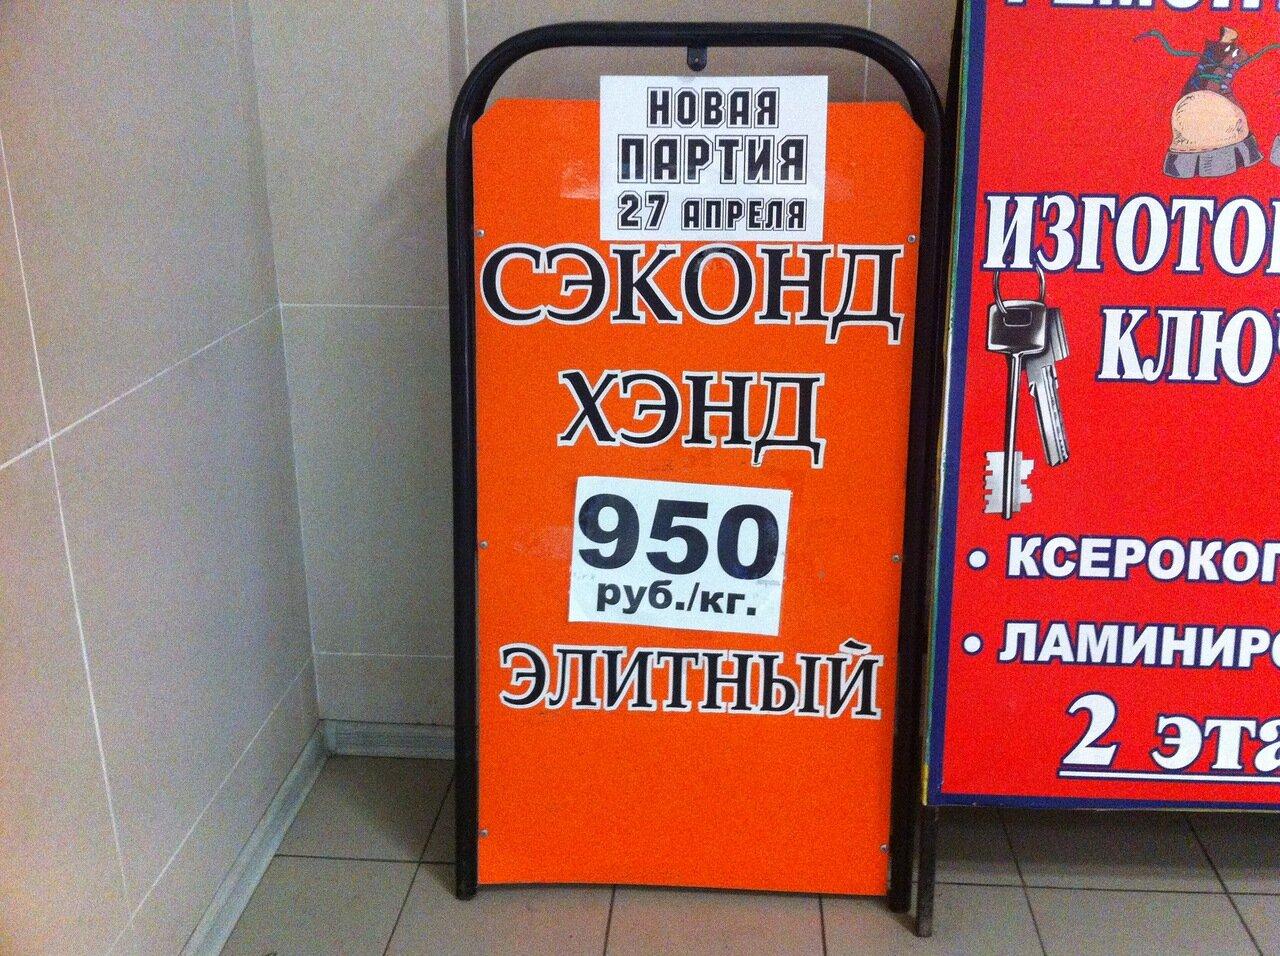 http://img-fotki.yandex.ru/get/9230/82260854.280/0_9e973_377d2b32_XXXL.jpg